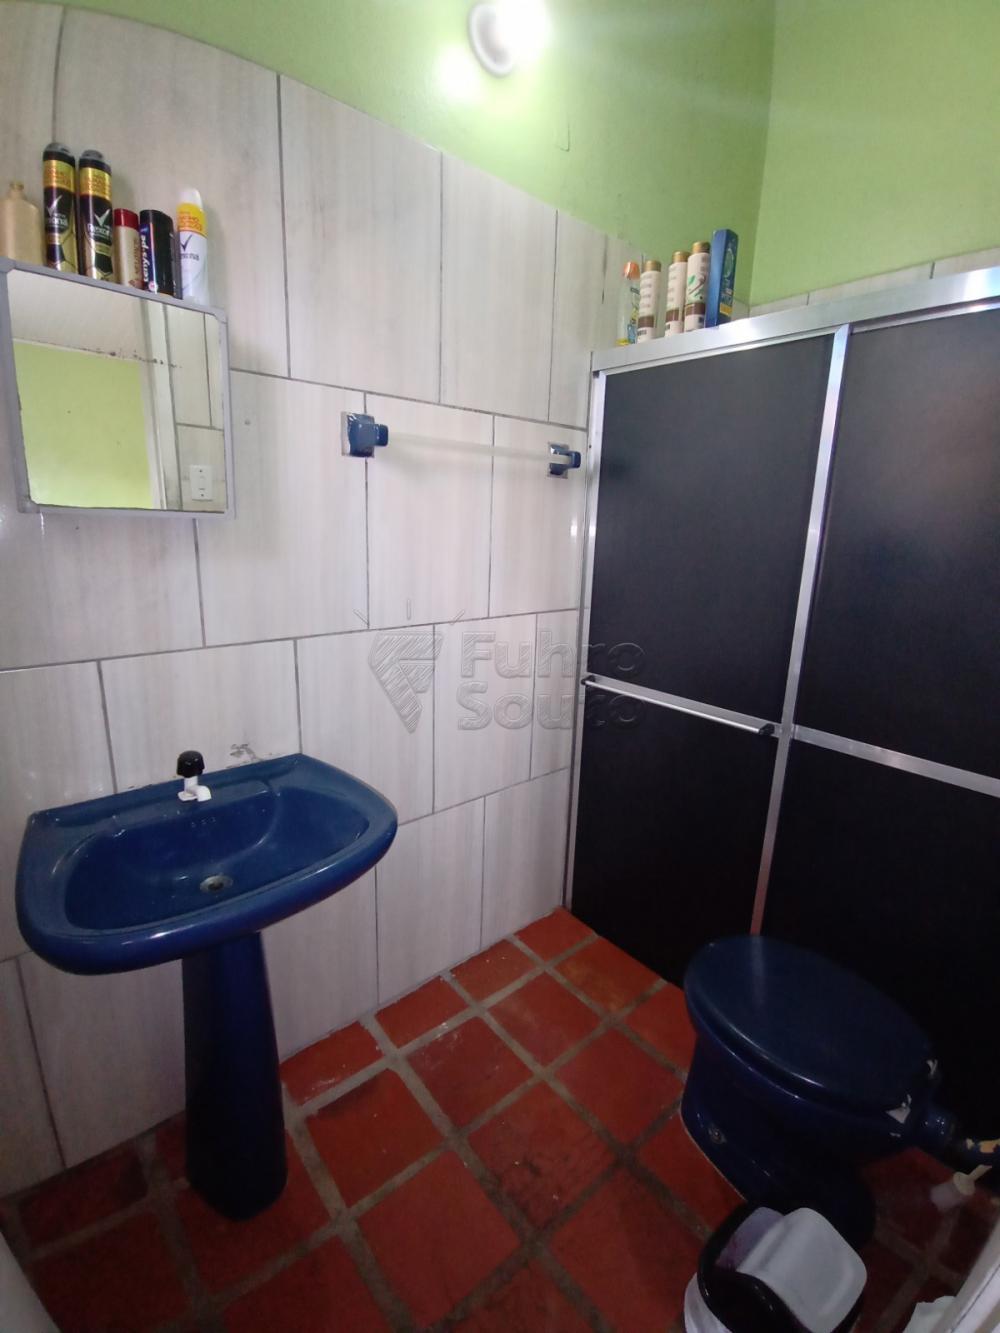 Comprar Casa / Padrão em Pelotas R$ 350.000,00 - Foto 7